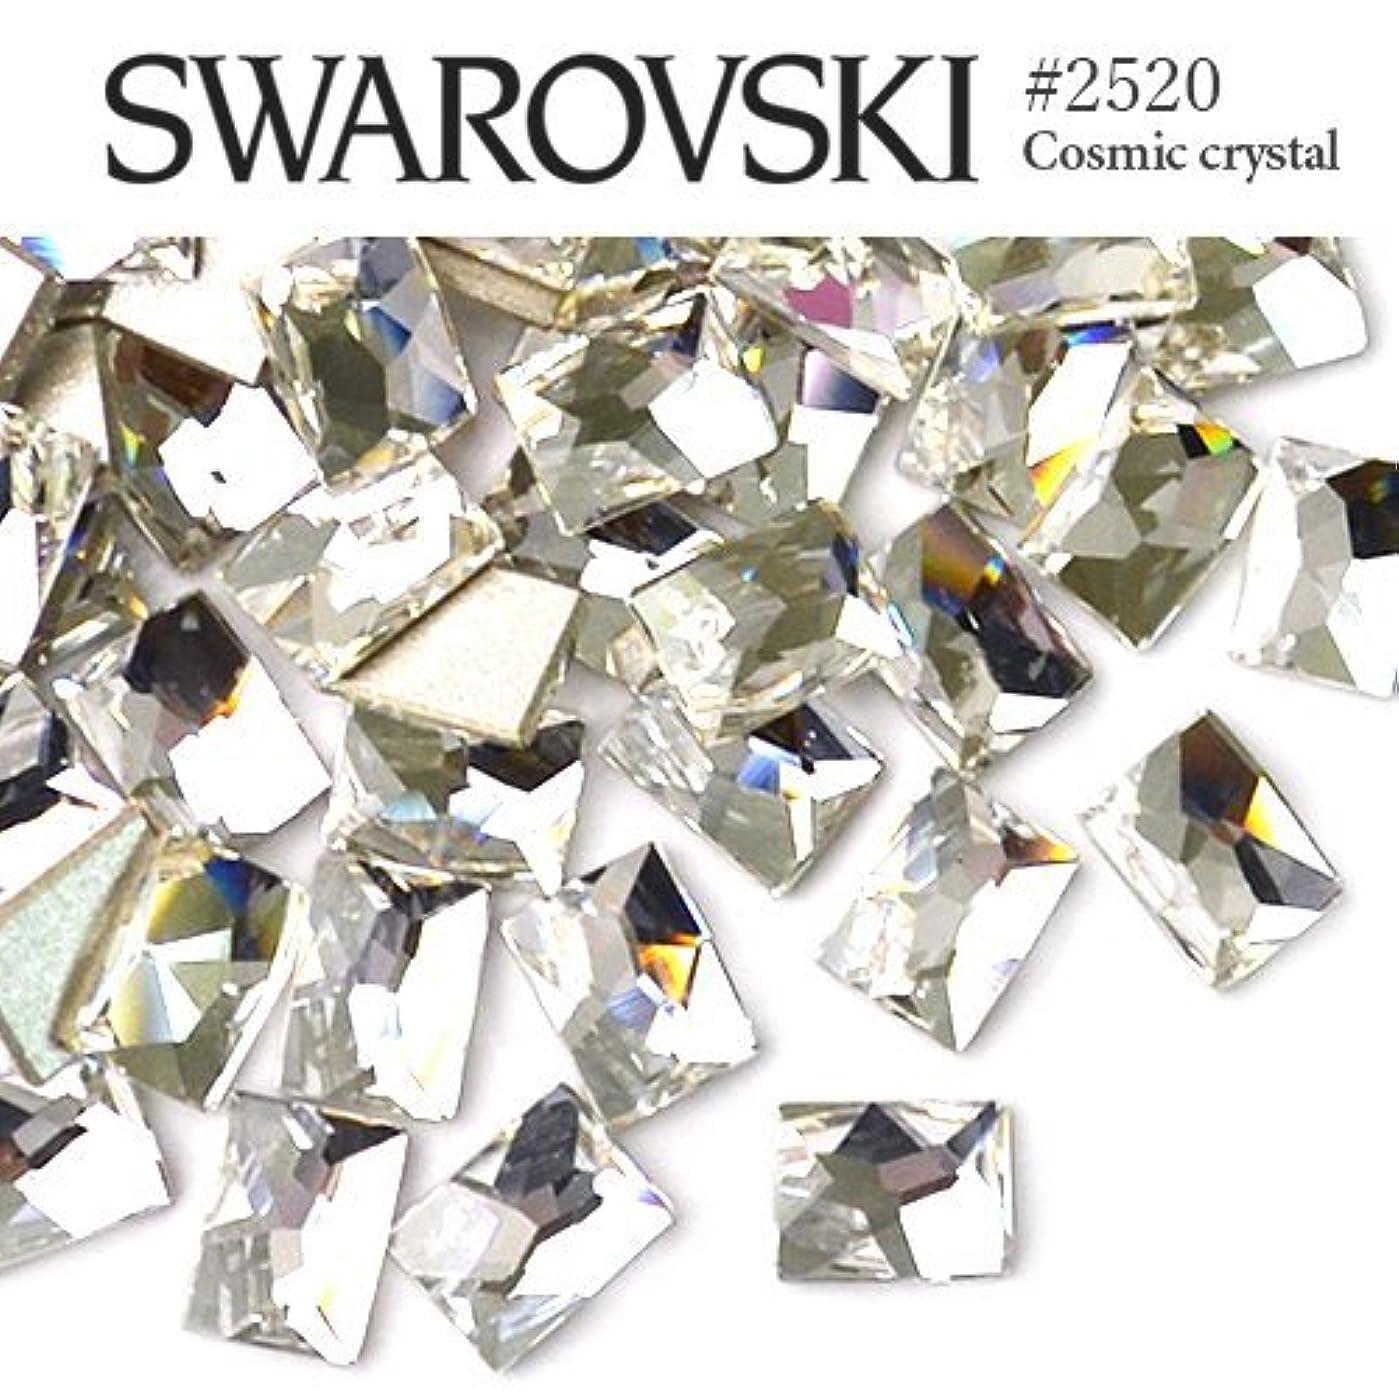 エチケットポイントライム#2520 コズミック (長方形) [クリスタル] 3粒入り スワロフスキー ラインストーン レジン パーツ ネイルパーツ ジェルネイル デコパーツ スワロ